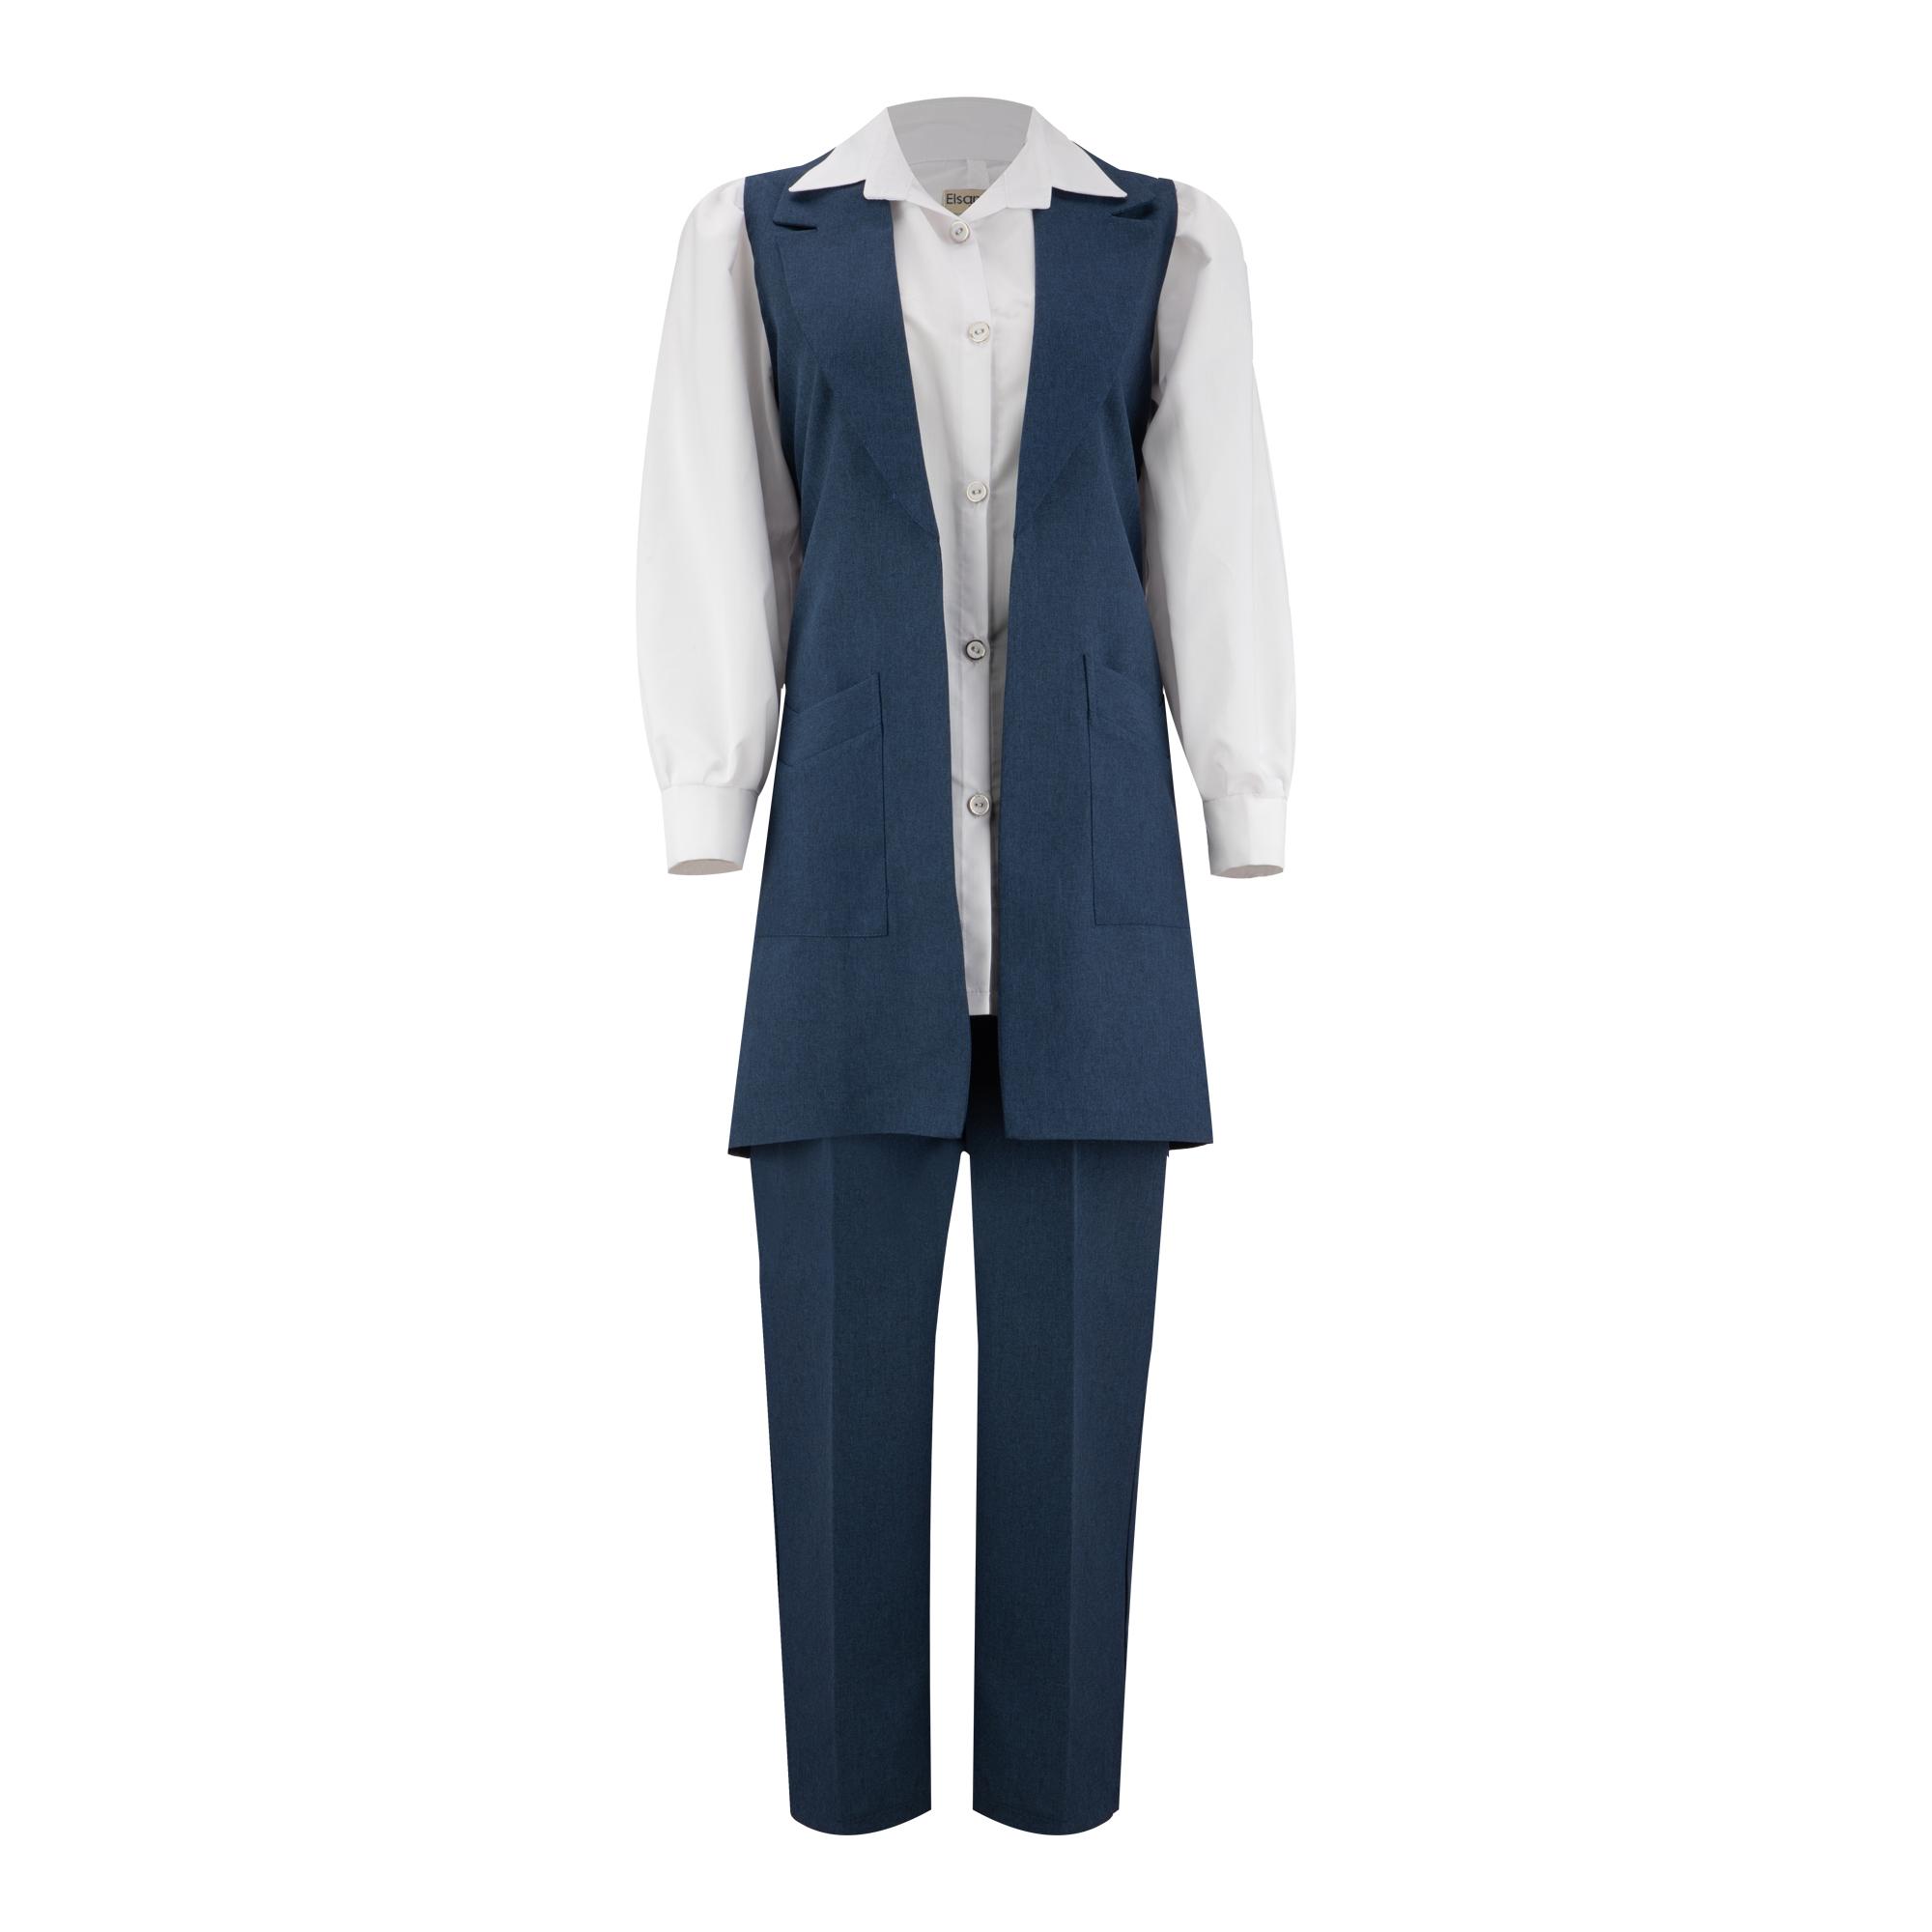 ست 3 تکه لباس زنانه السانا مدل ویستا کد 83605